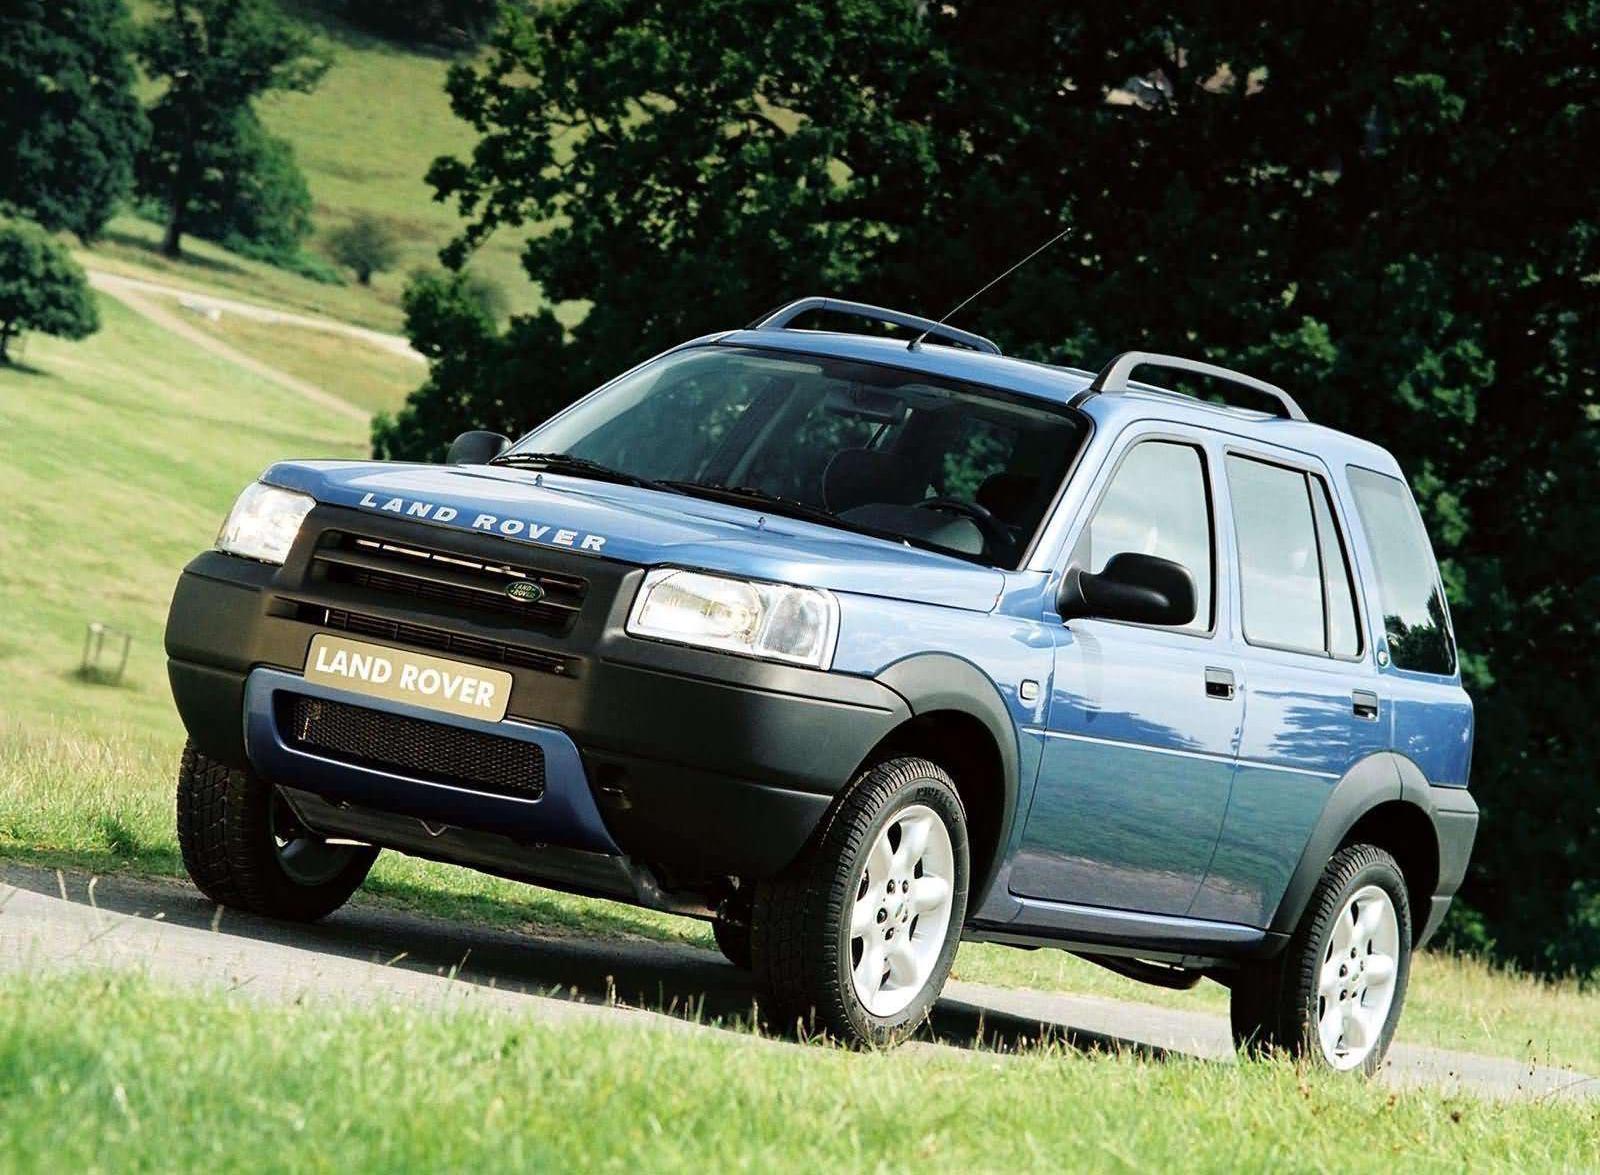 ¿Qué os parece un Land Rover Freelander de primera generación?